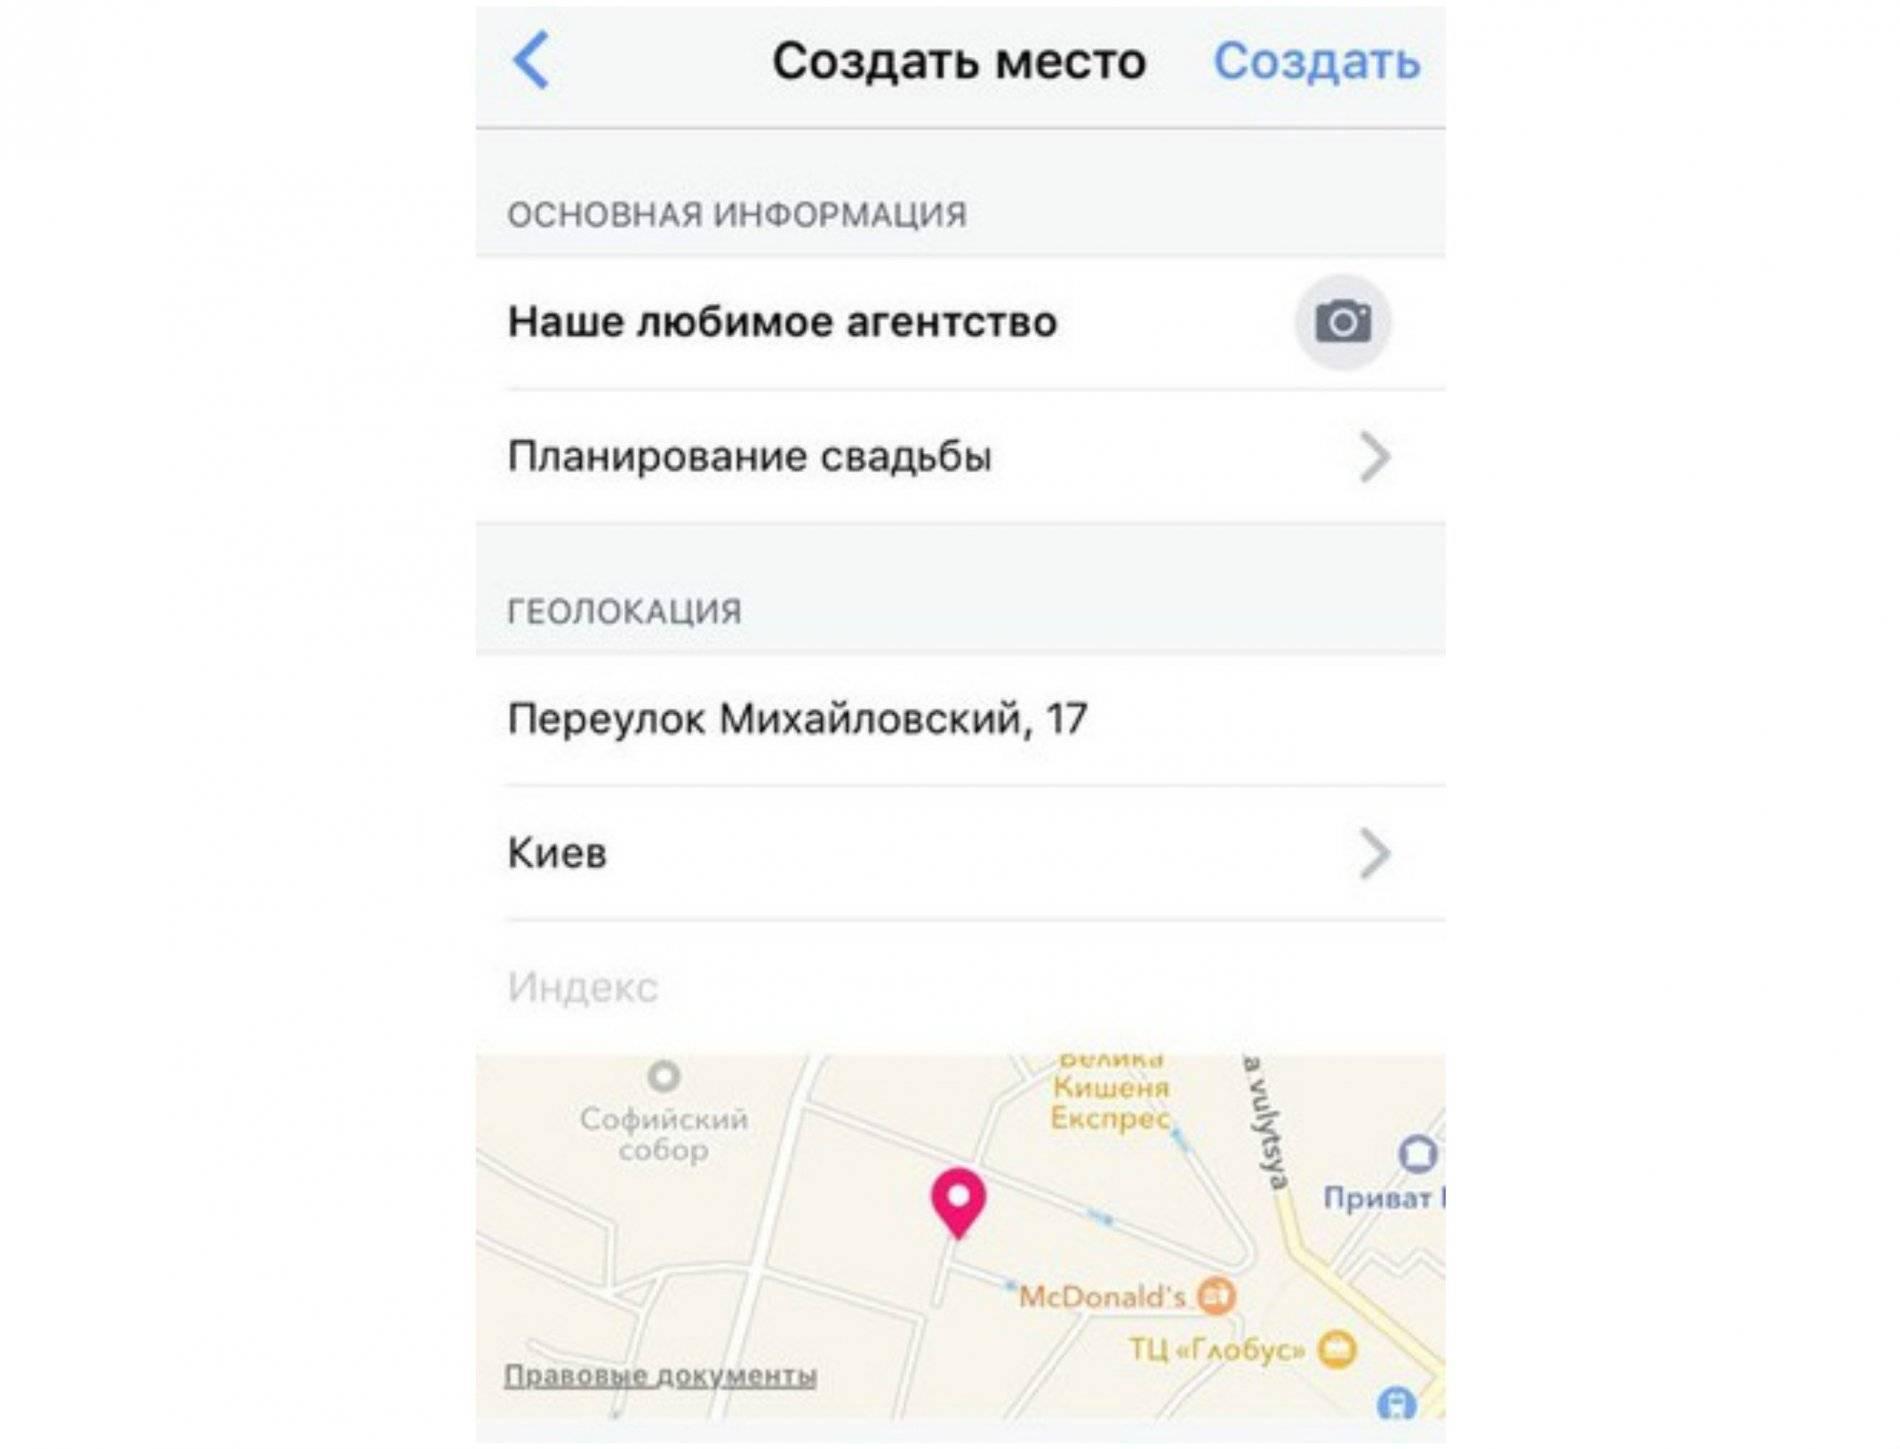 Прикольные местоположения в инстаграме: огромный список мест